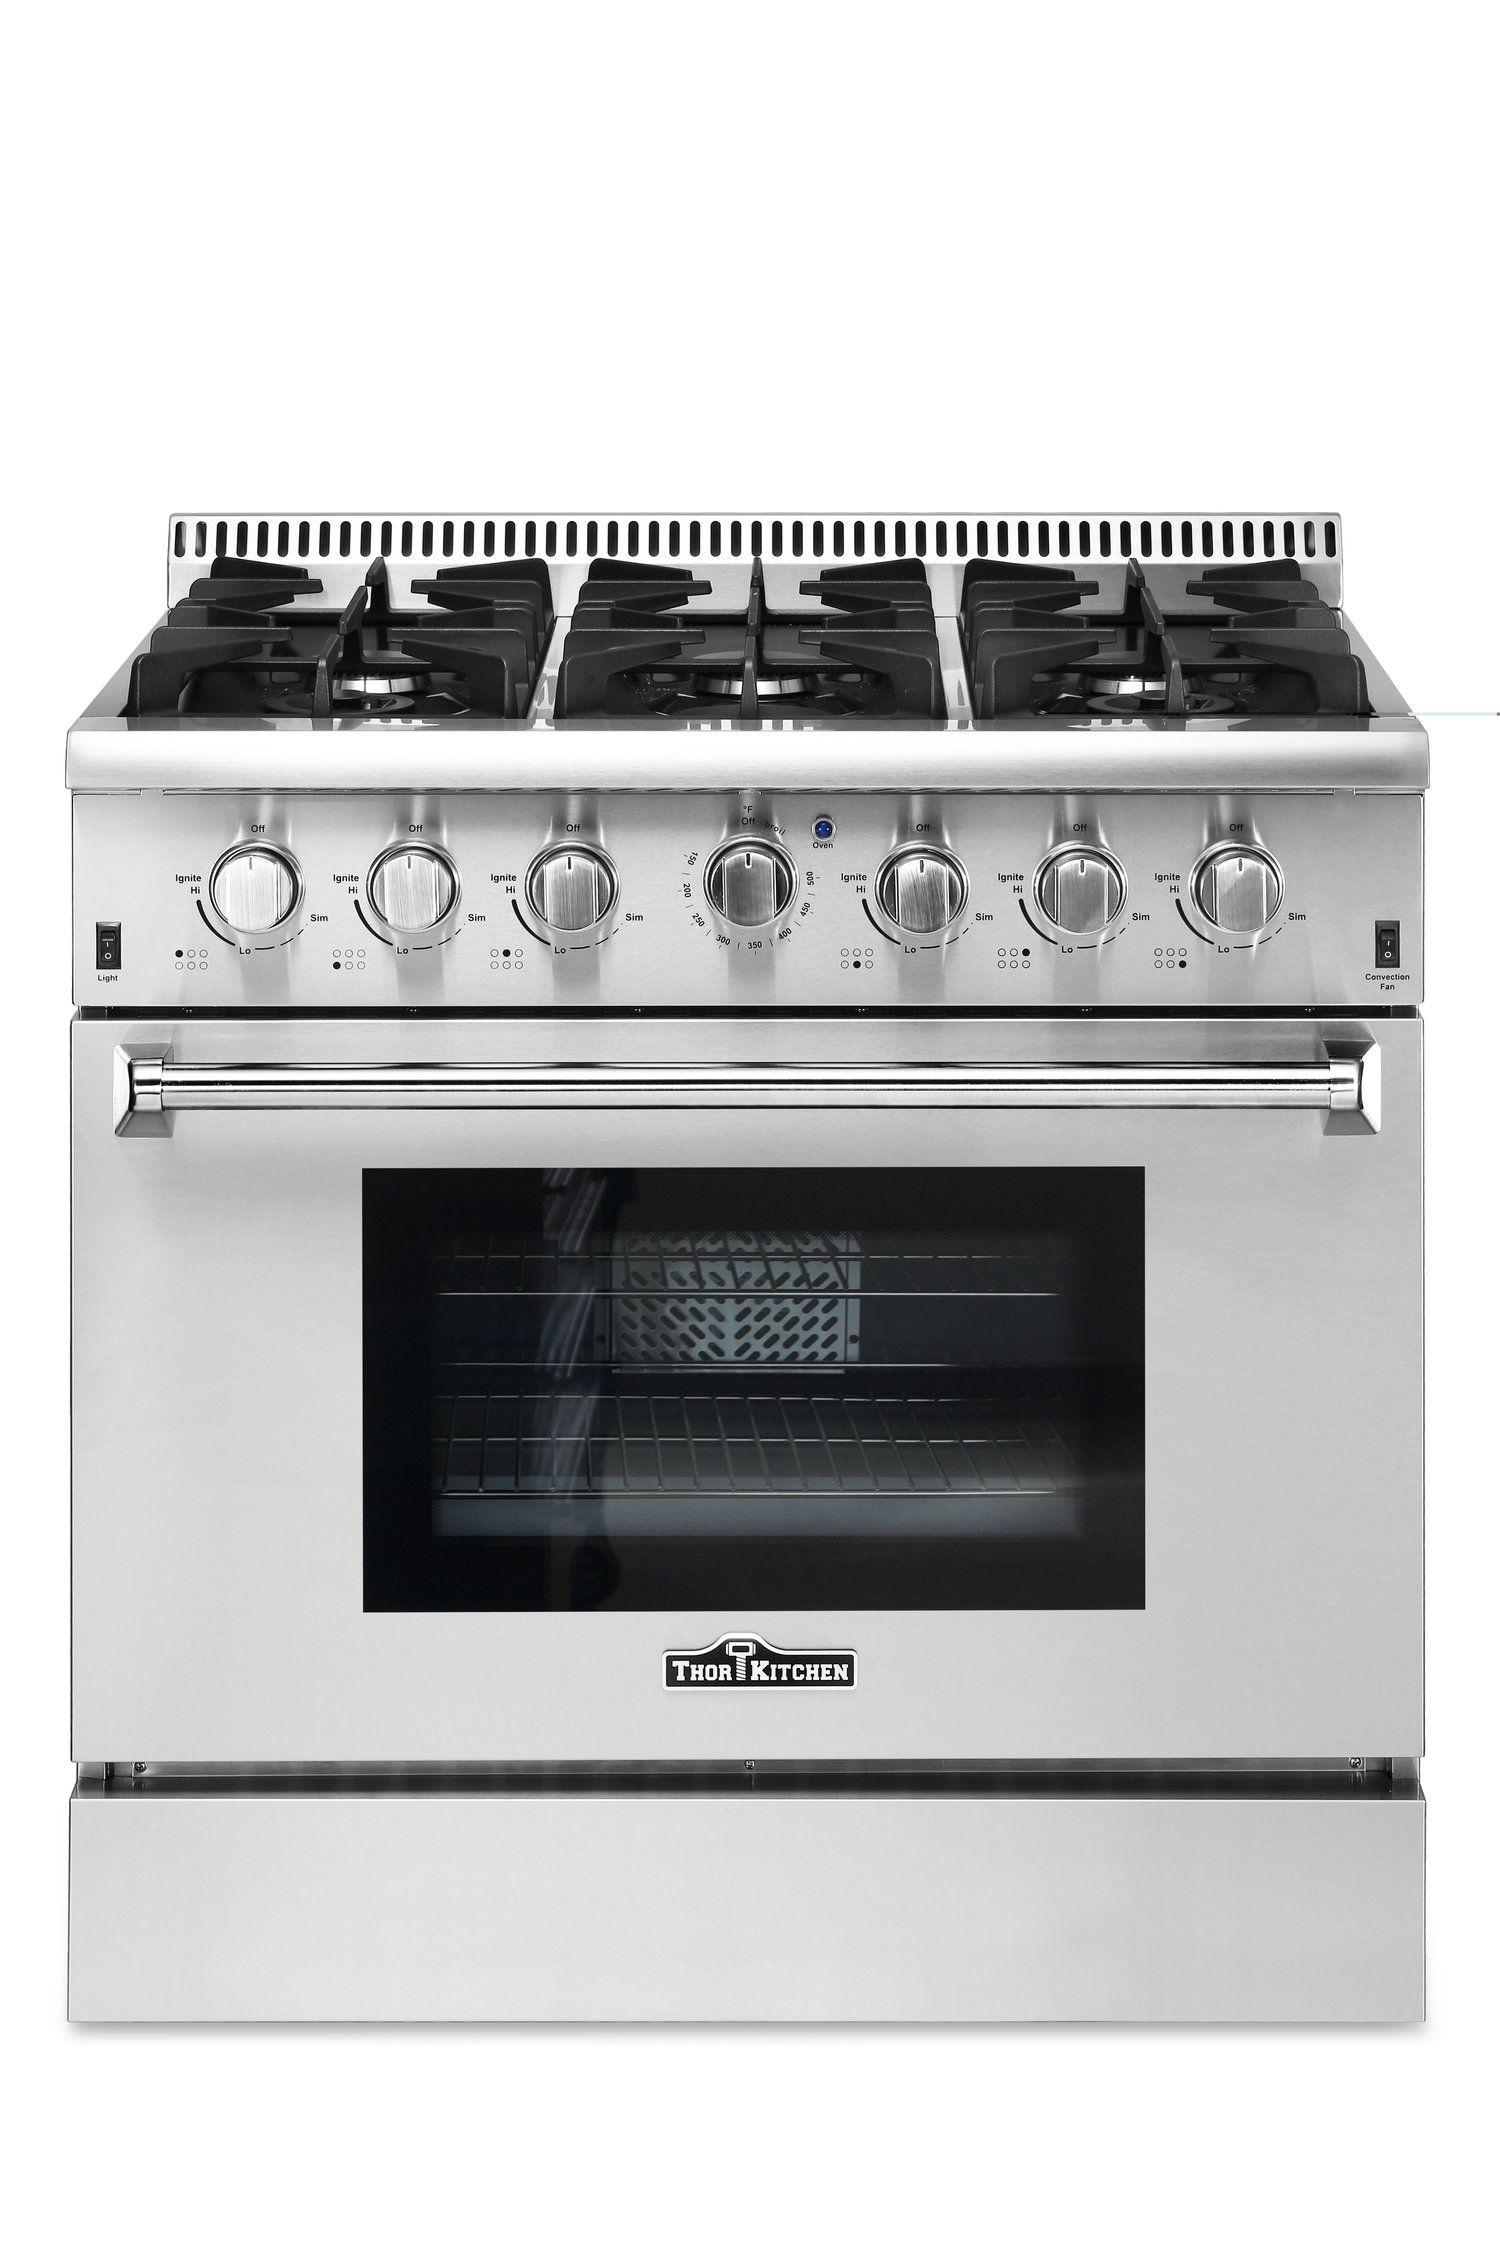 Thor kitchen hrgu inch gas range in products